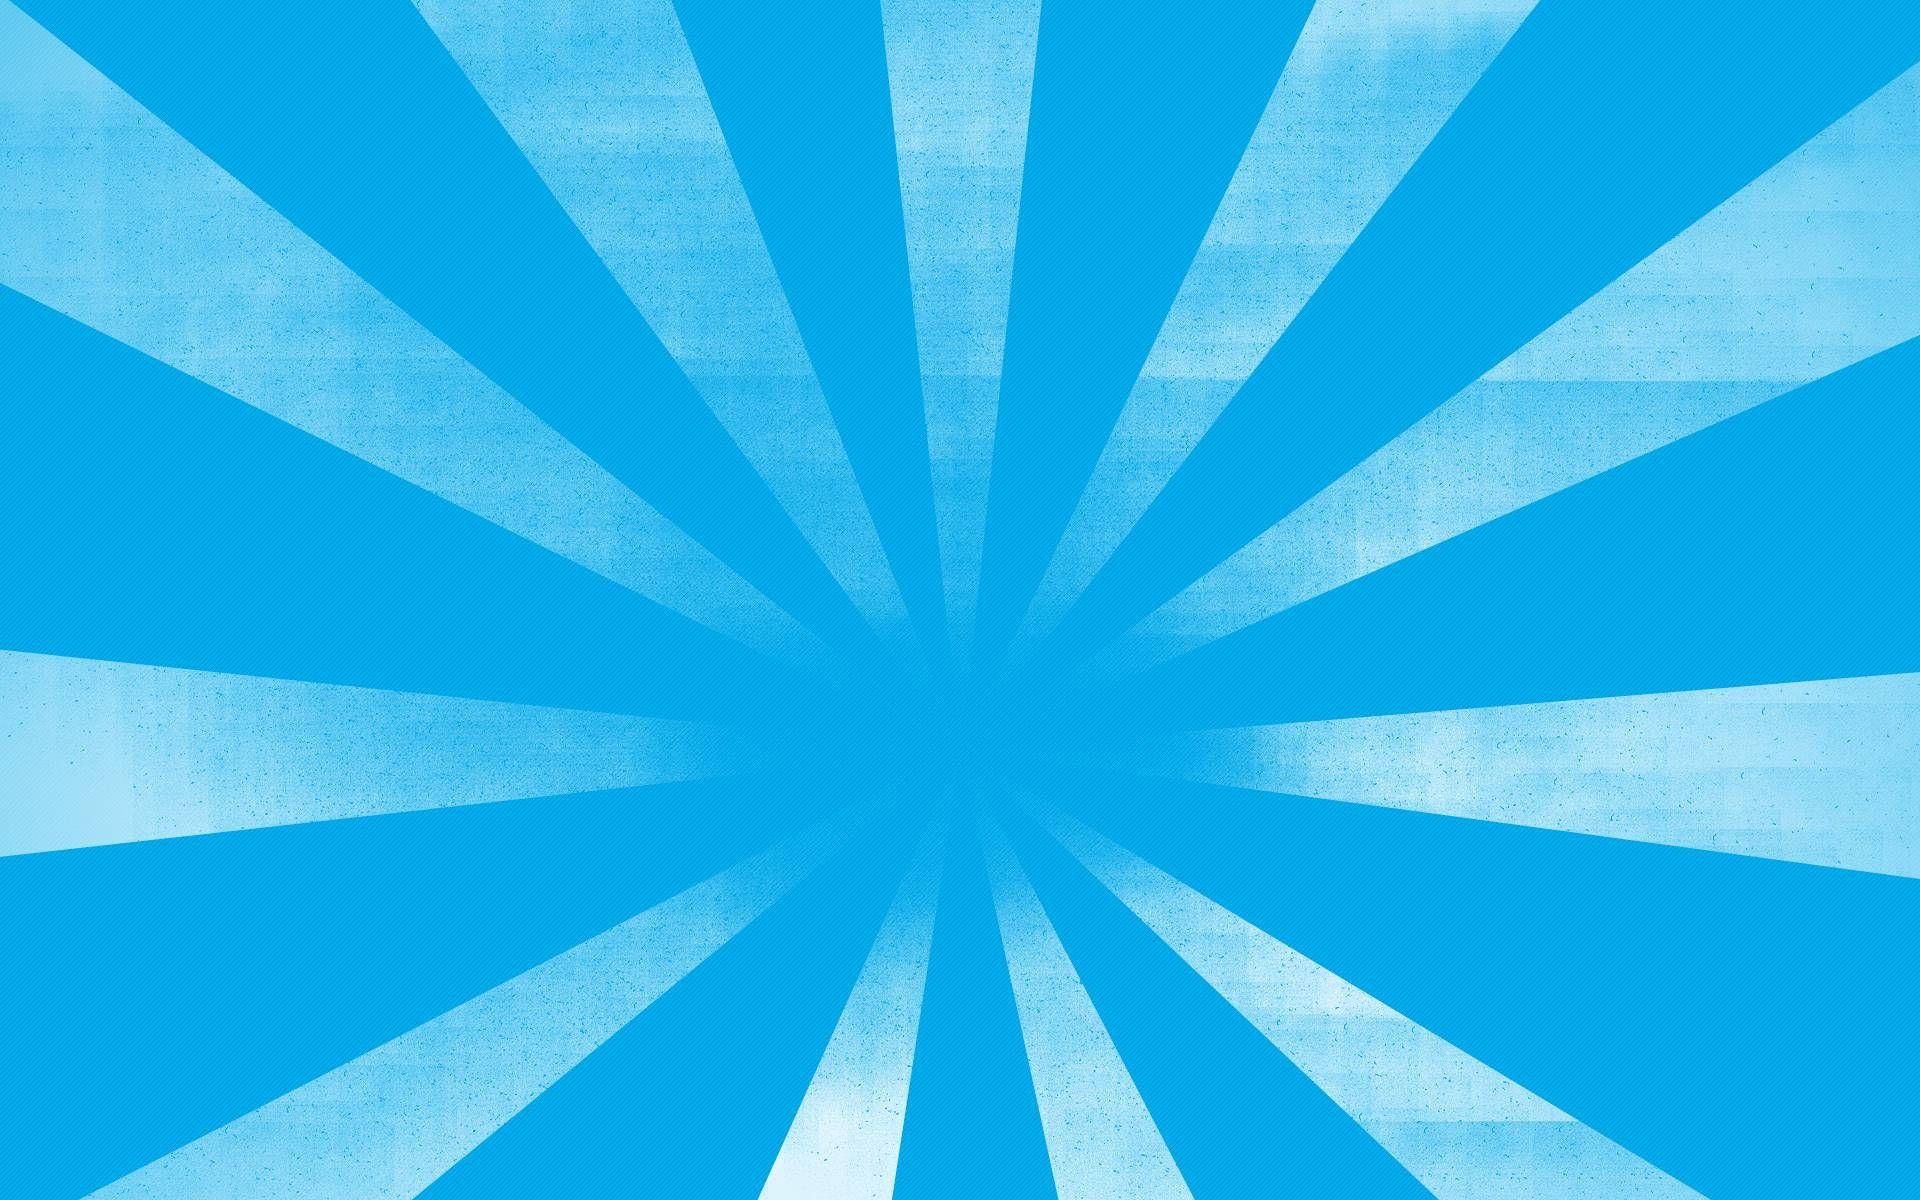 Blue Wallpaper For Desktop Full Screen Blue Background